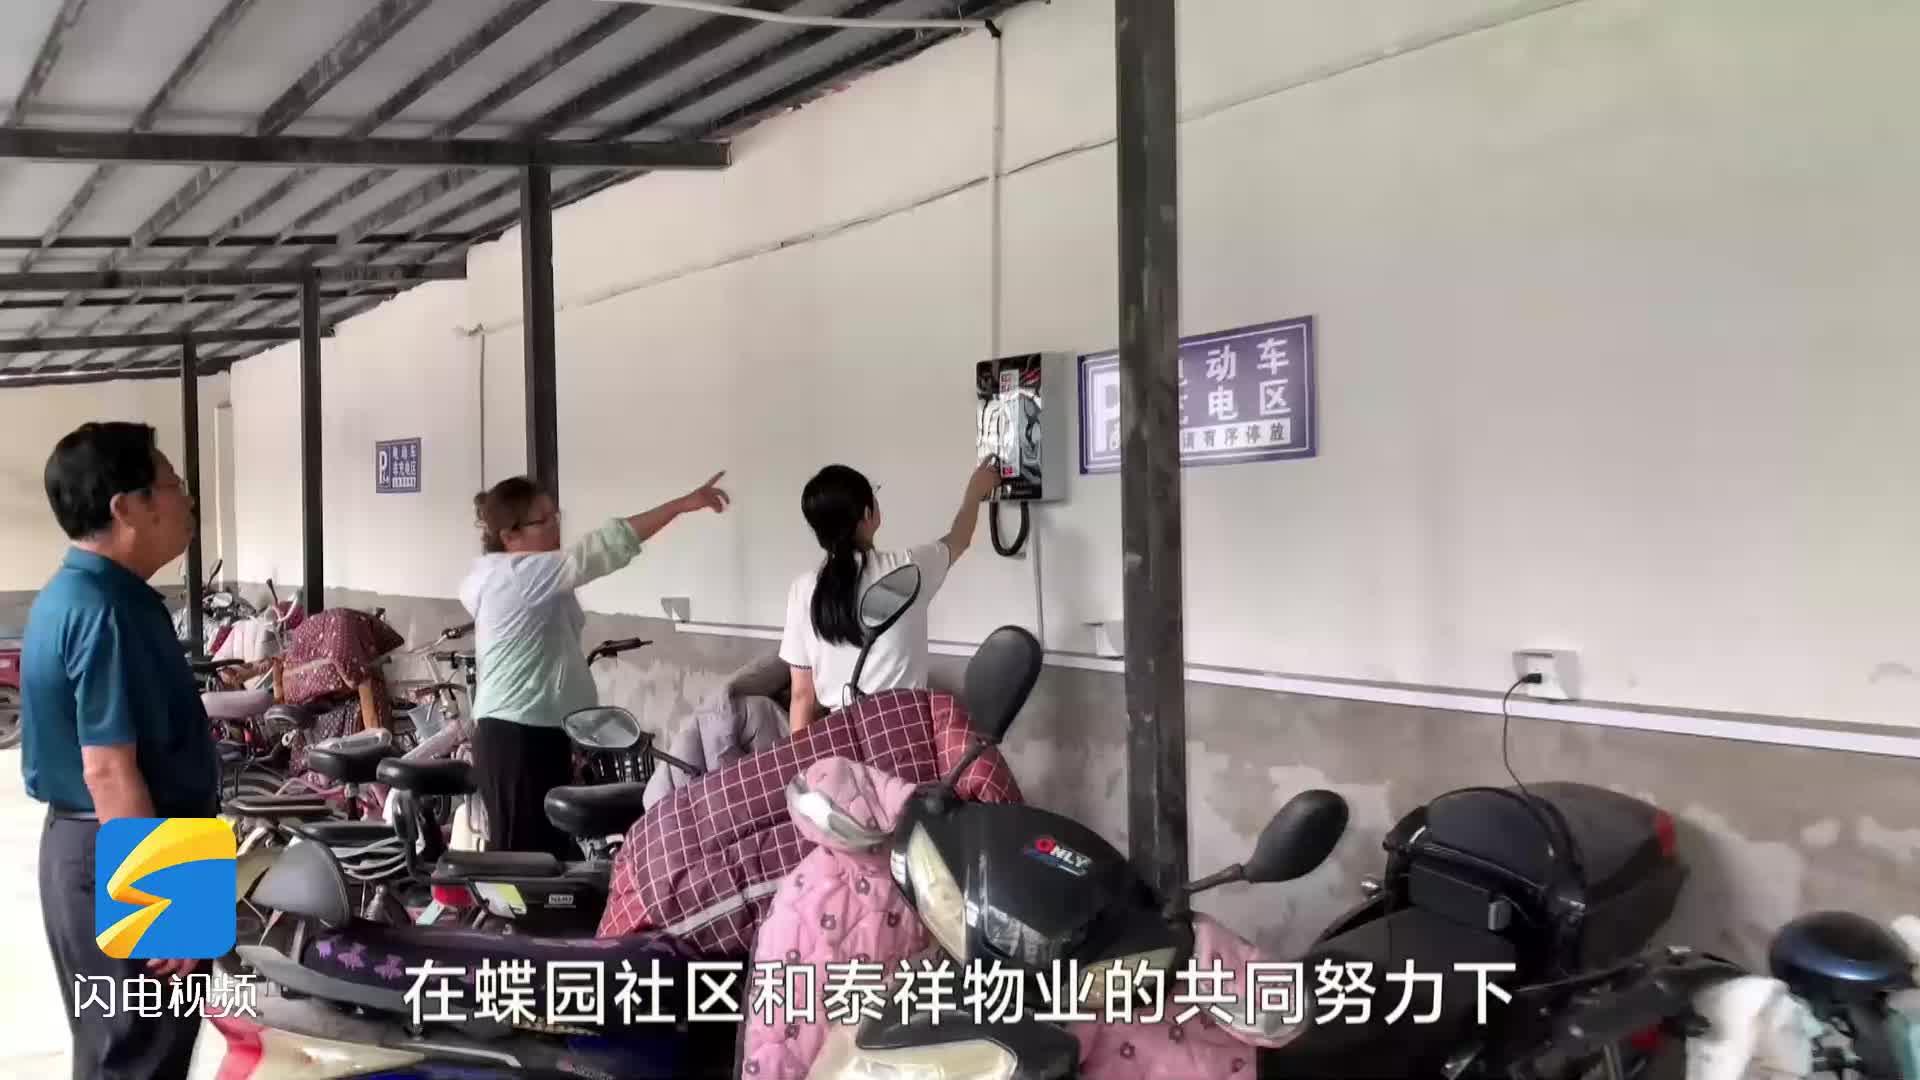 """潍坊市寒亭区老旧小区添""""电动车棚平安驿站"""" 业主:安全又方便"""